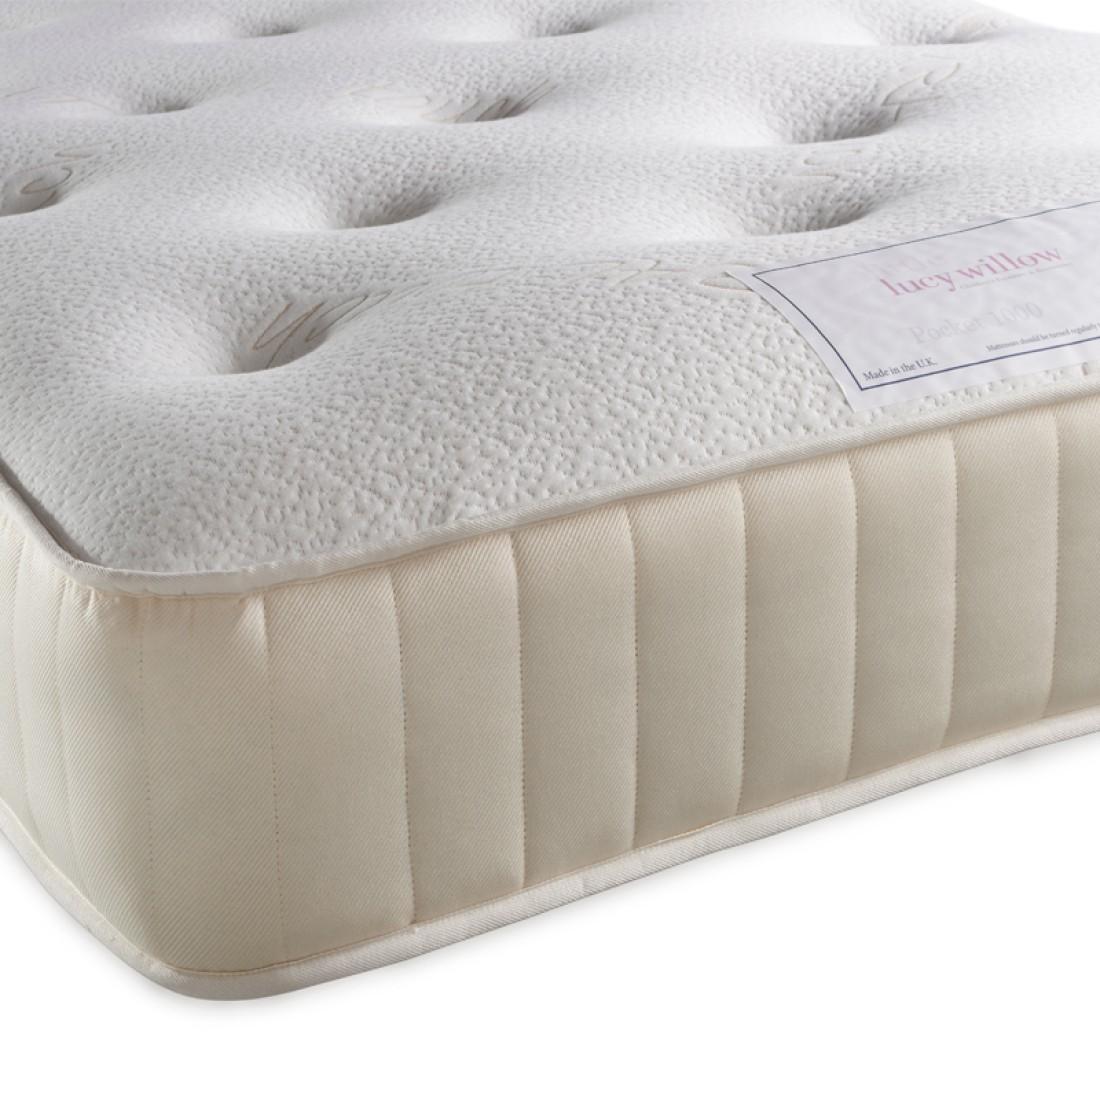 3ft single luxury pocket sprung mattress. Black Bedroom Furniture Sets. Home Design Ideas